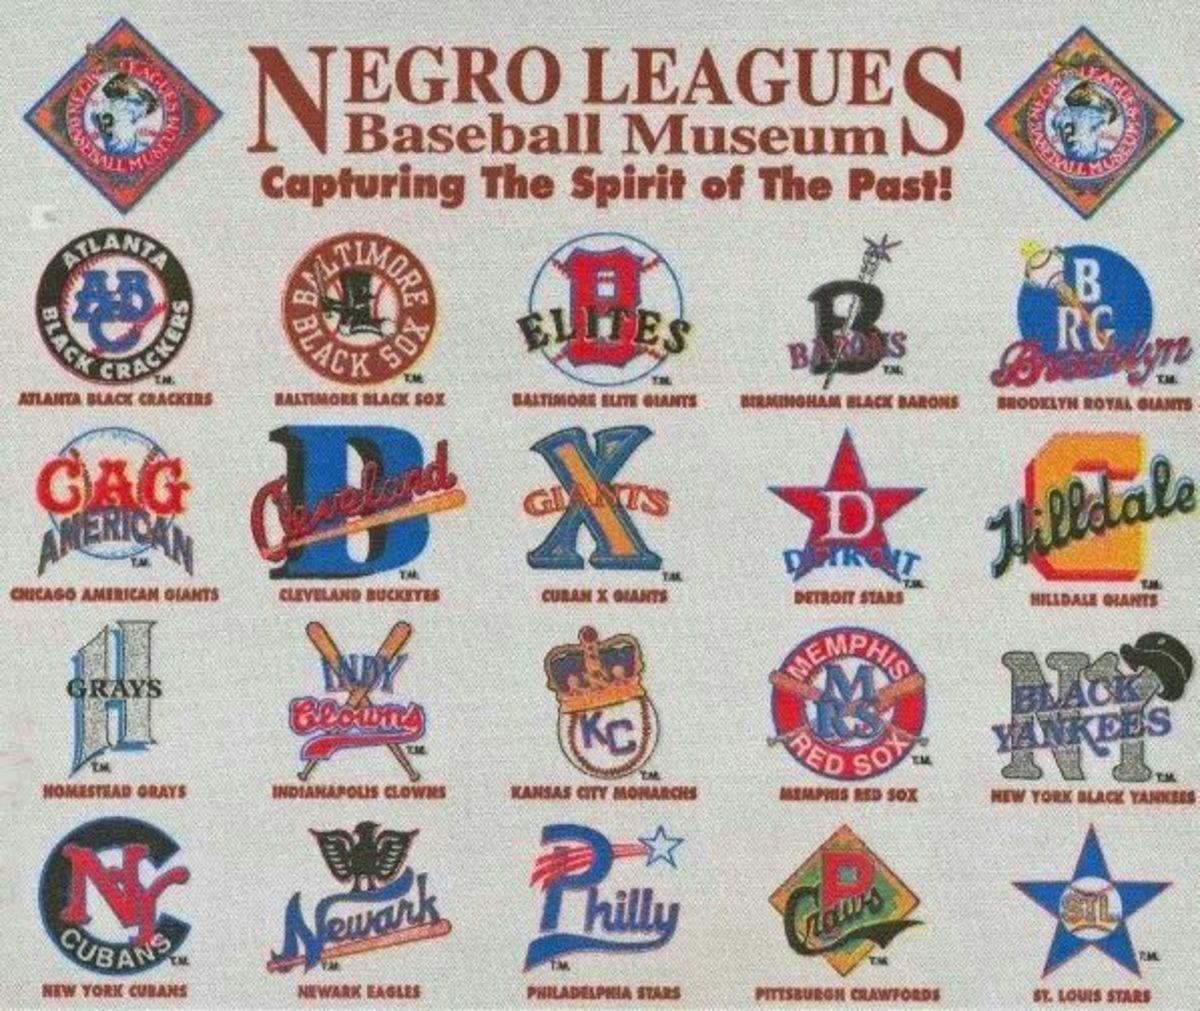 Teams of Negro League